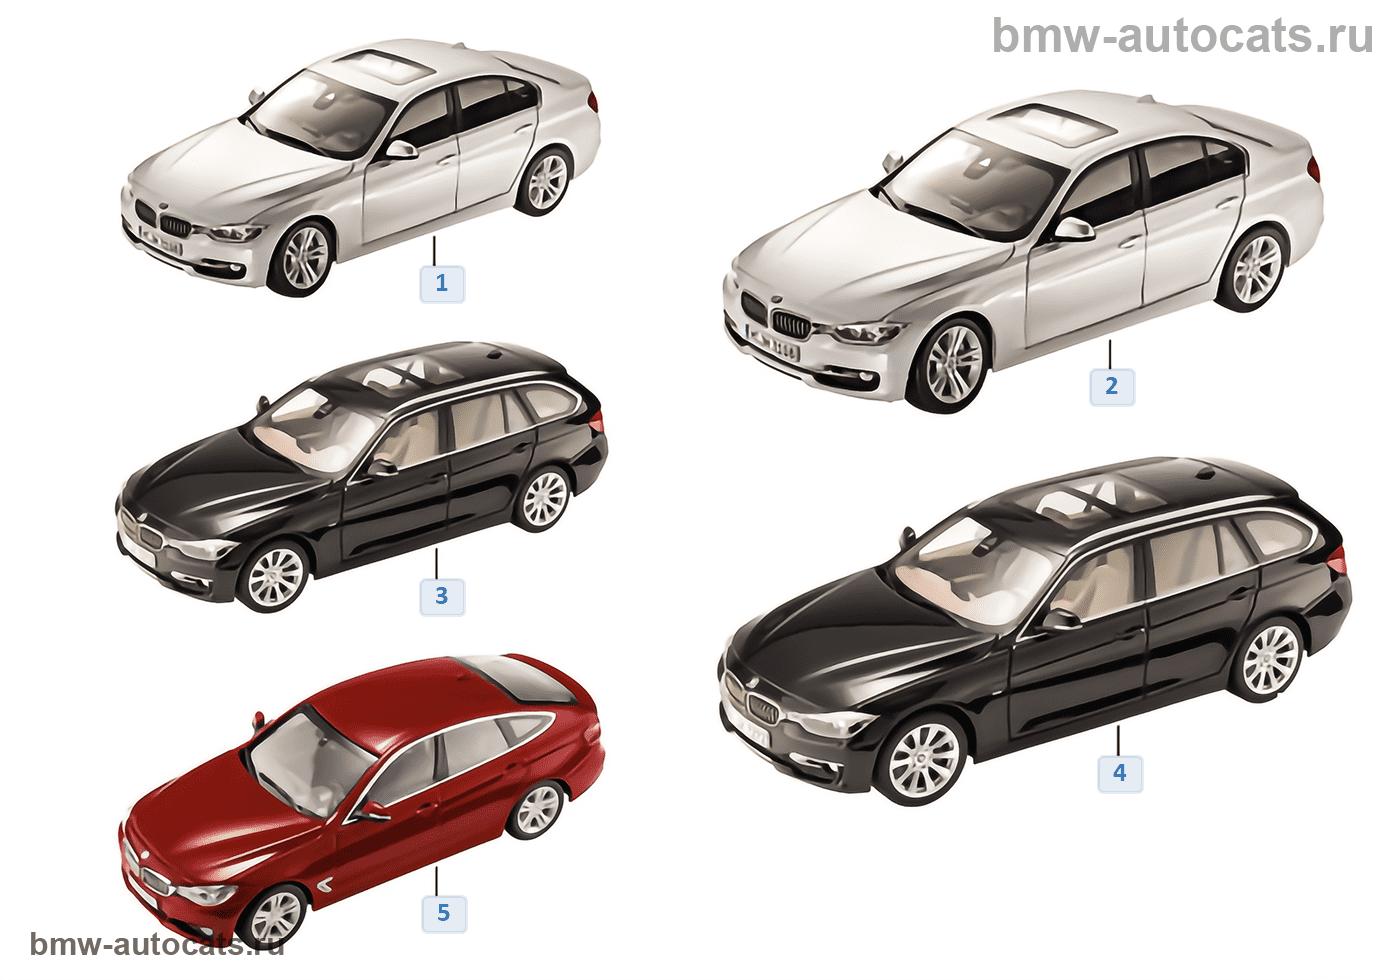 Миниат.модели BMW — BMW 3-й сер.2013/14